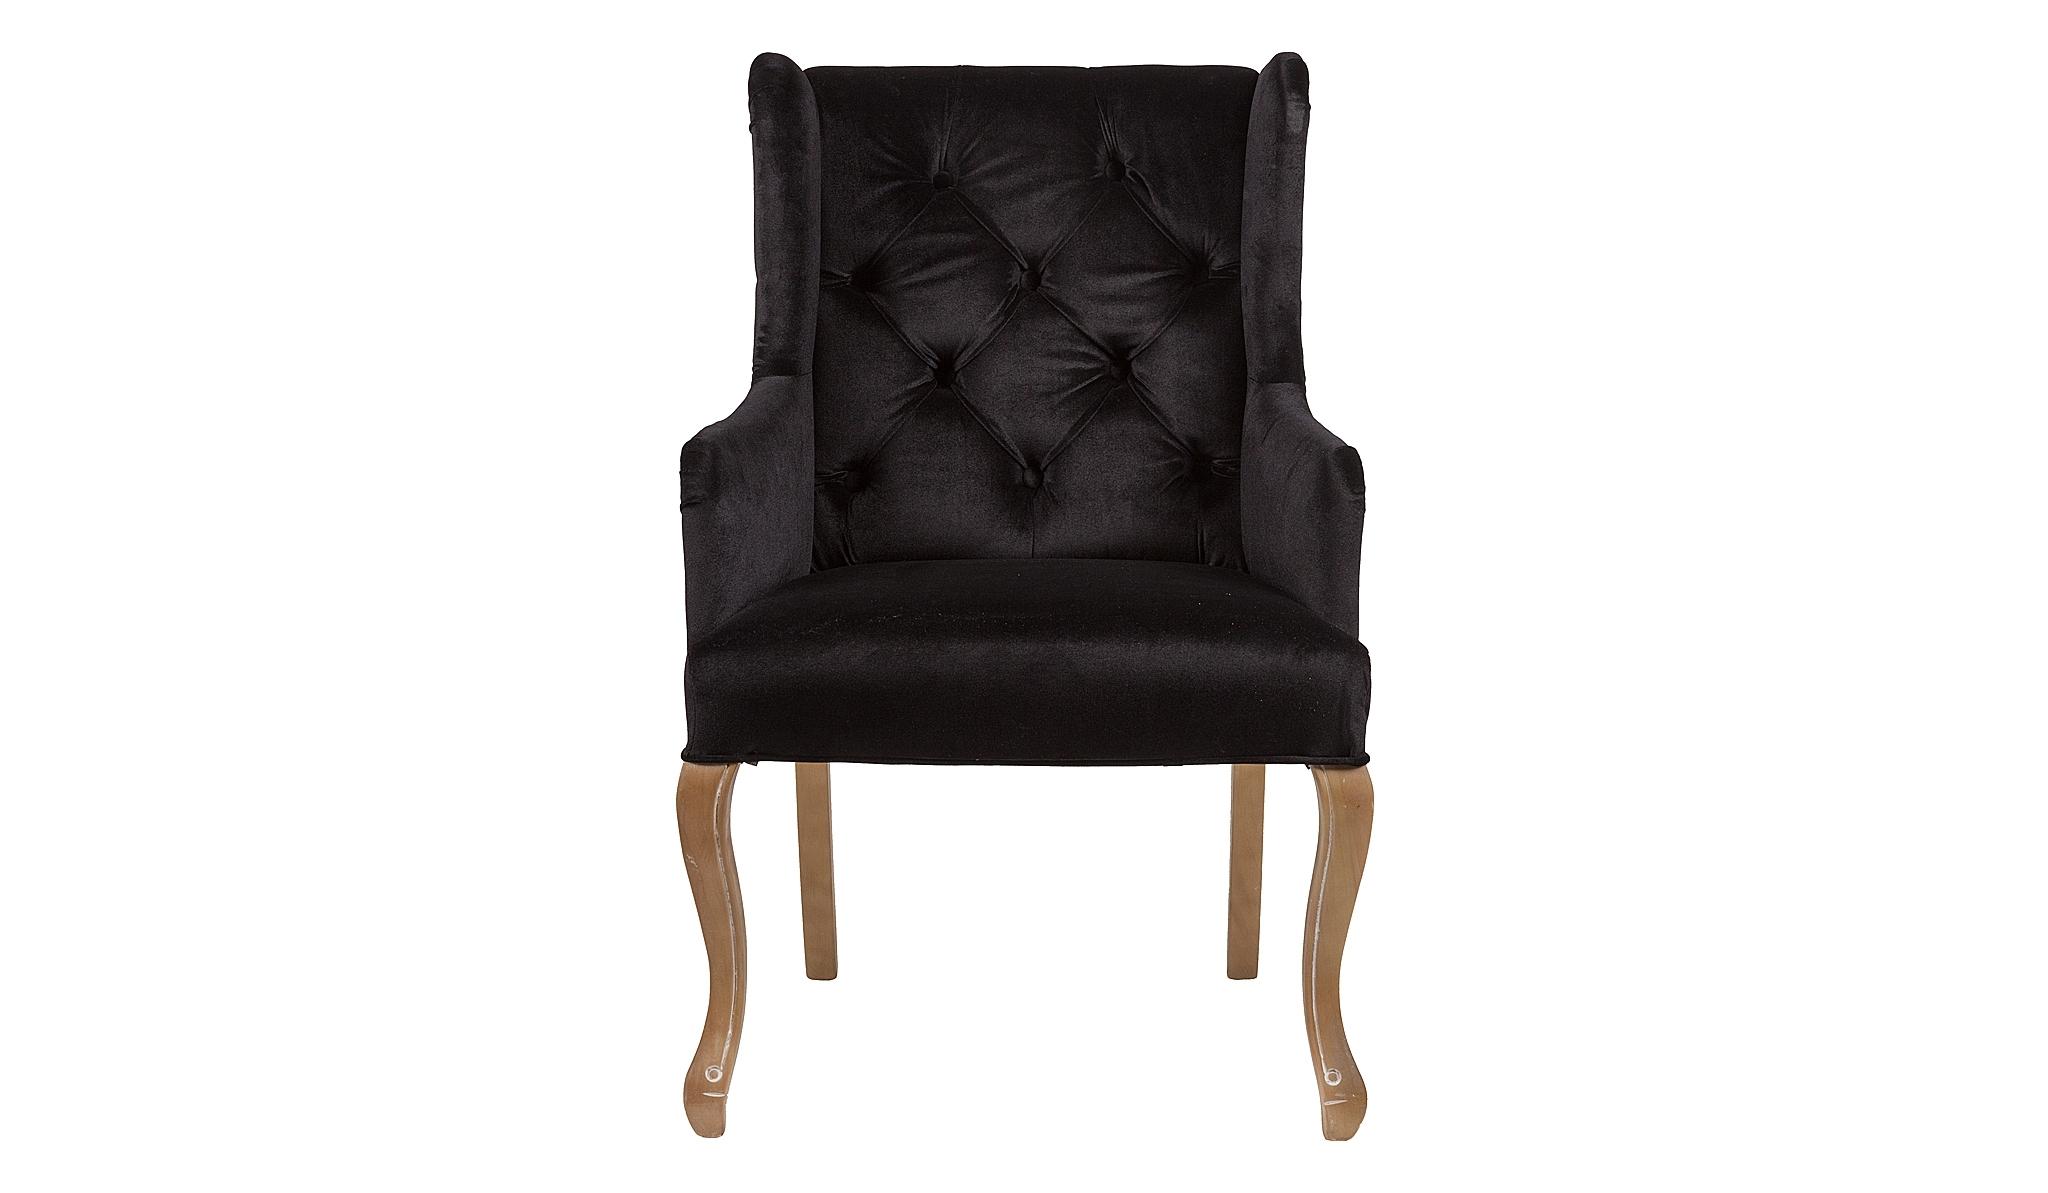 Кресло AshbyПолукресла<br>&amp;quot;Ashby&amp;quot; ? традиционное вольтеровское кресло, выглядящее очень эффектно. Классические пропорции, пропитанные элегантностью волнующих форм, завораживают своим великолепием. Мягкость черного вельвета, переливающегося в лучах света удивительной роскошью, делает облик кресла притягательным. Кокетливо отведенные назад ножки, украшенные резными элементами, выступают еще одной изюминкой традиционного французского дизайна.<br><br>Material: Вельвет<br>Length см: 63<br>Width см: 68<br>Height см: 98